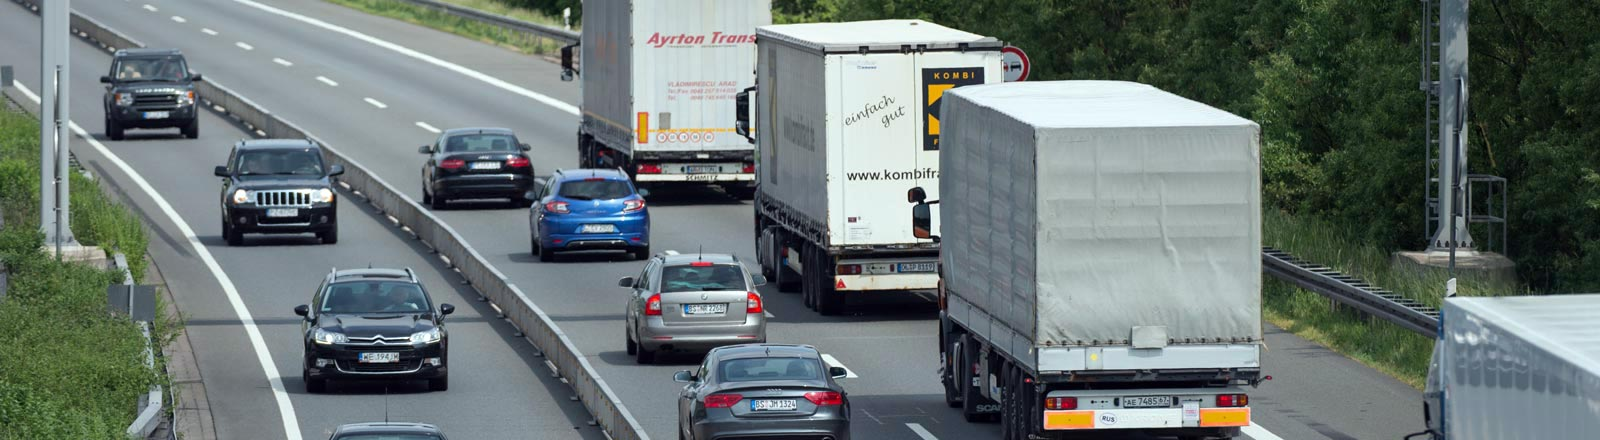 LWK und PKW auf einer Autobahn